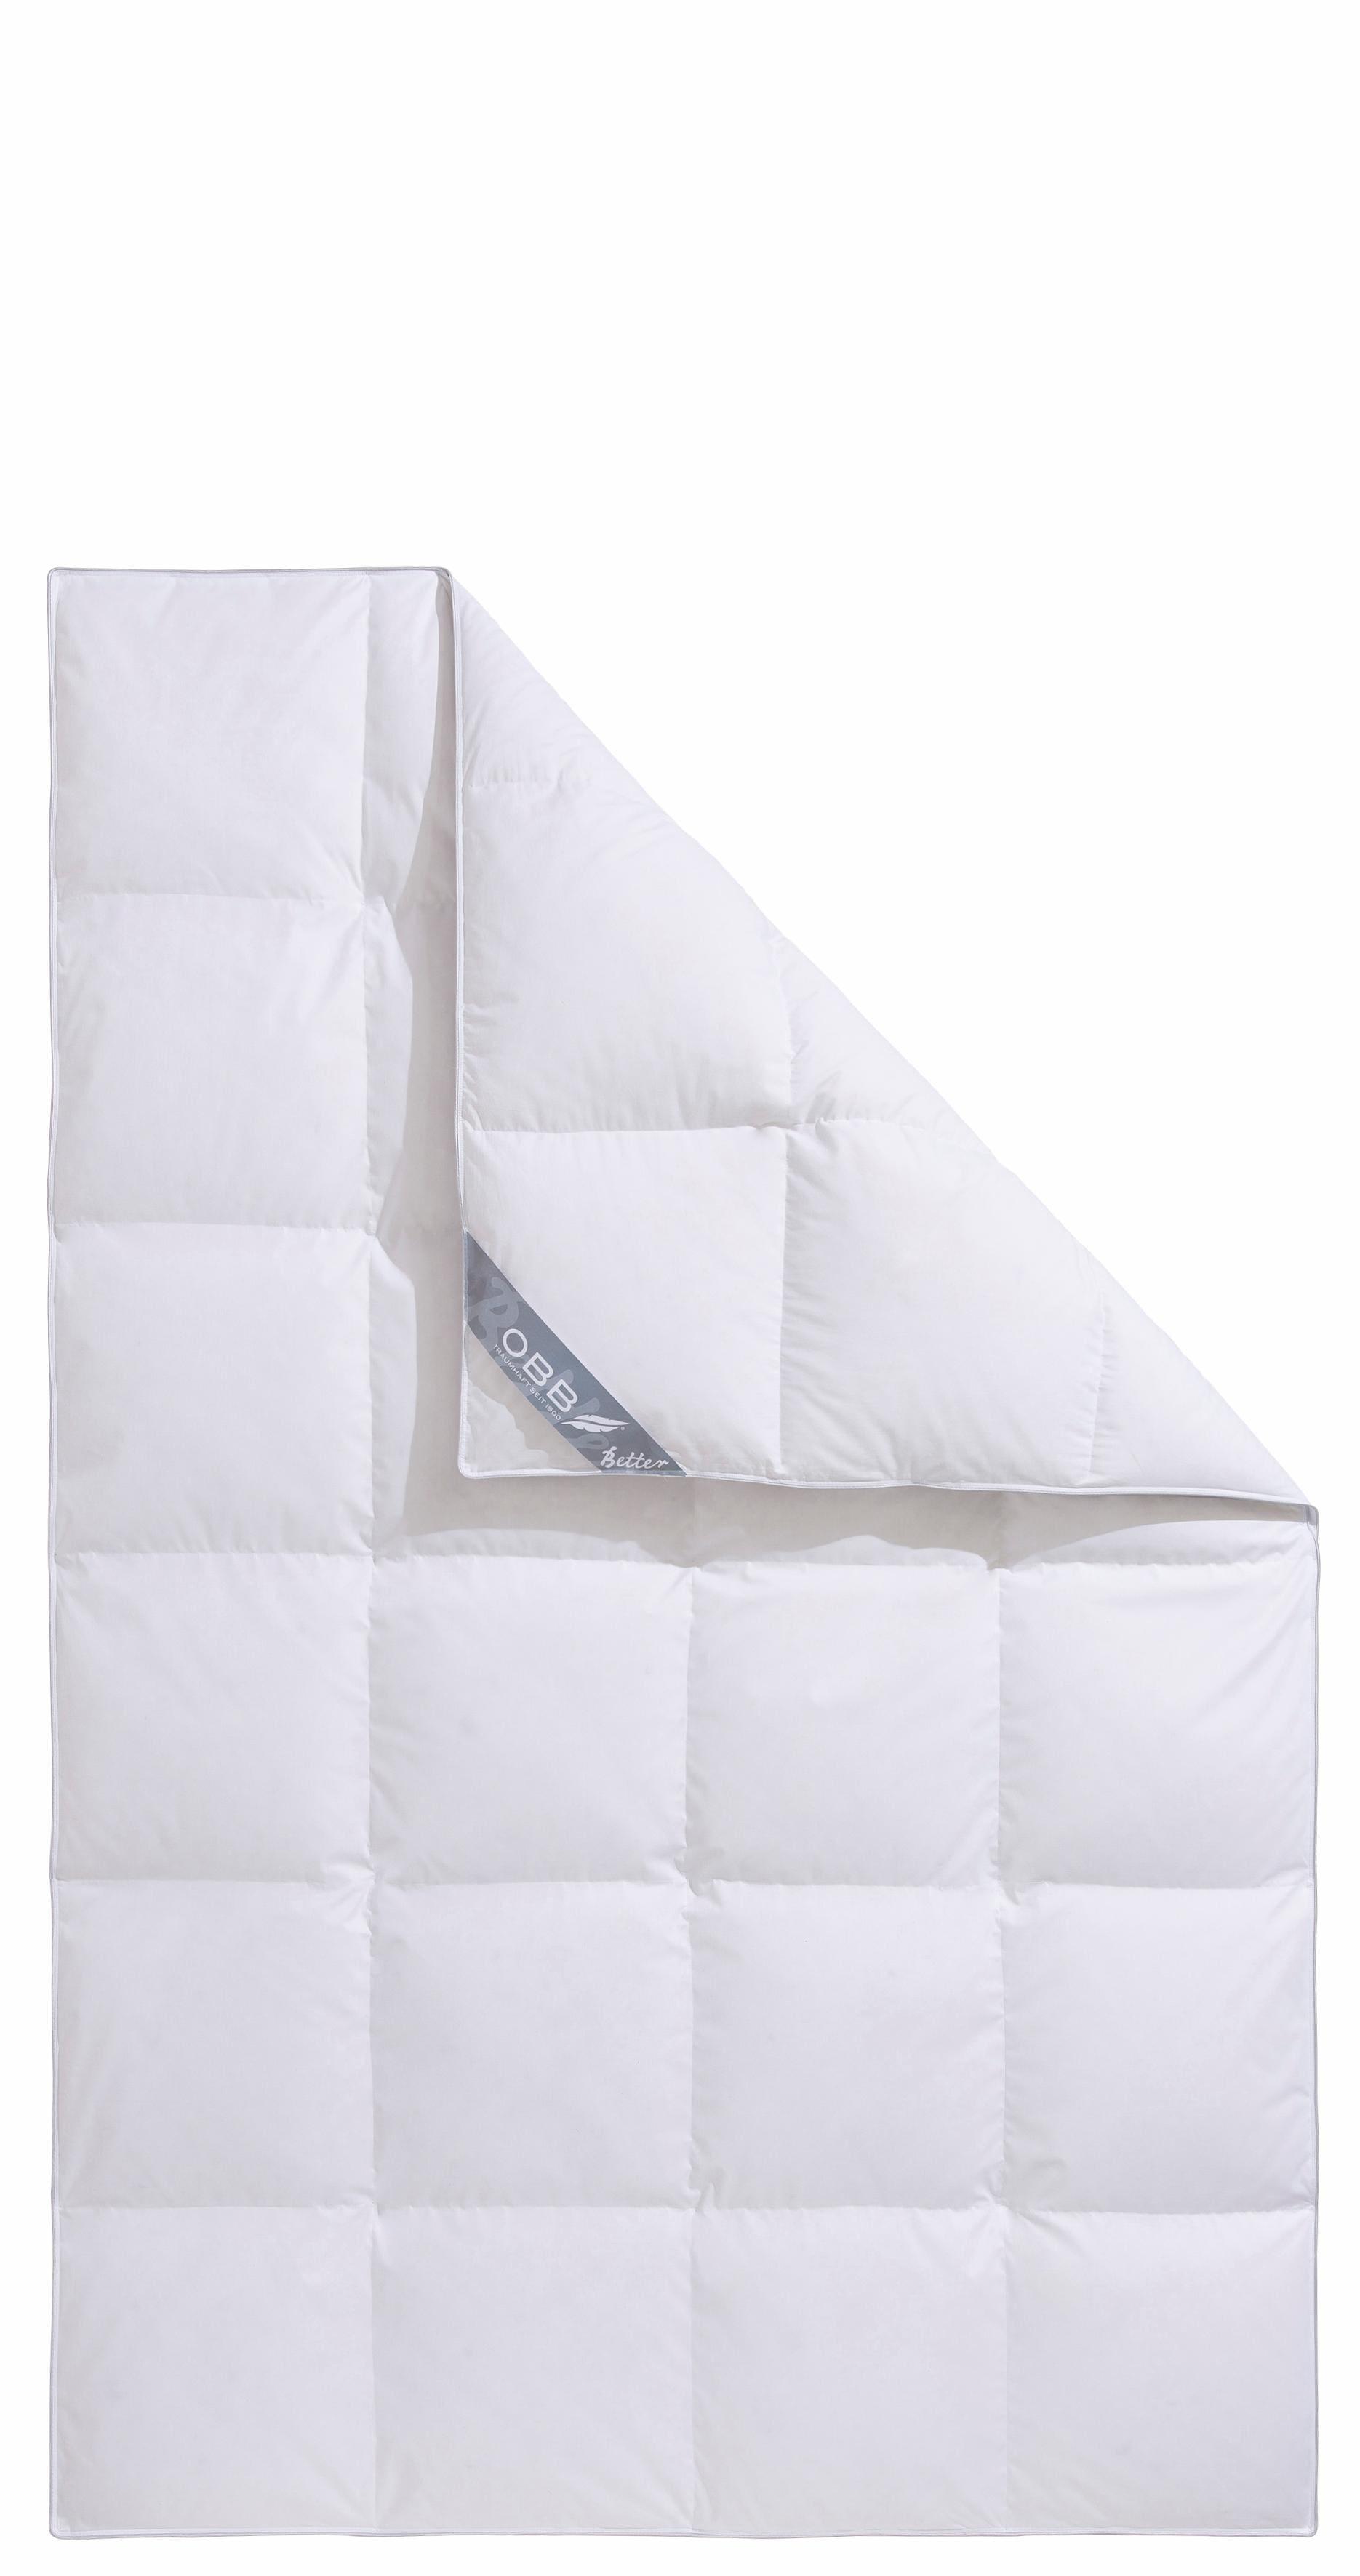 Daunenbettdecke Better Obb Extrawarm Fullung 90 Daunen 10 Federn Bezug 100 Baumwolle